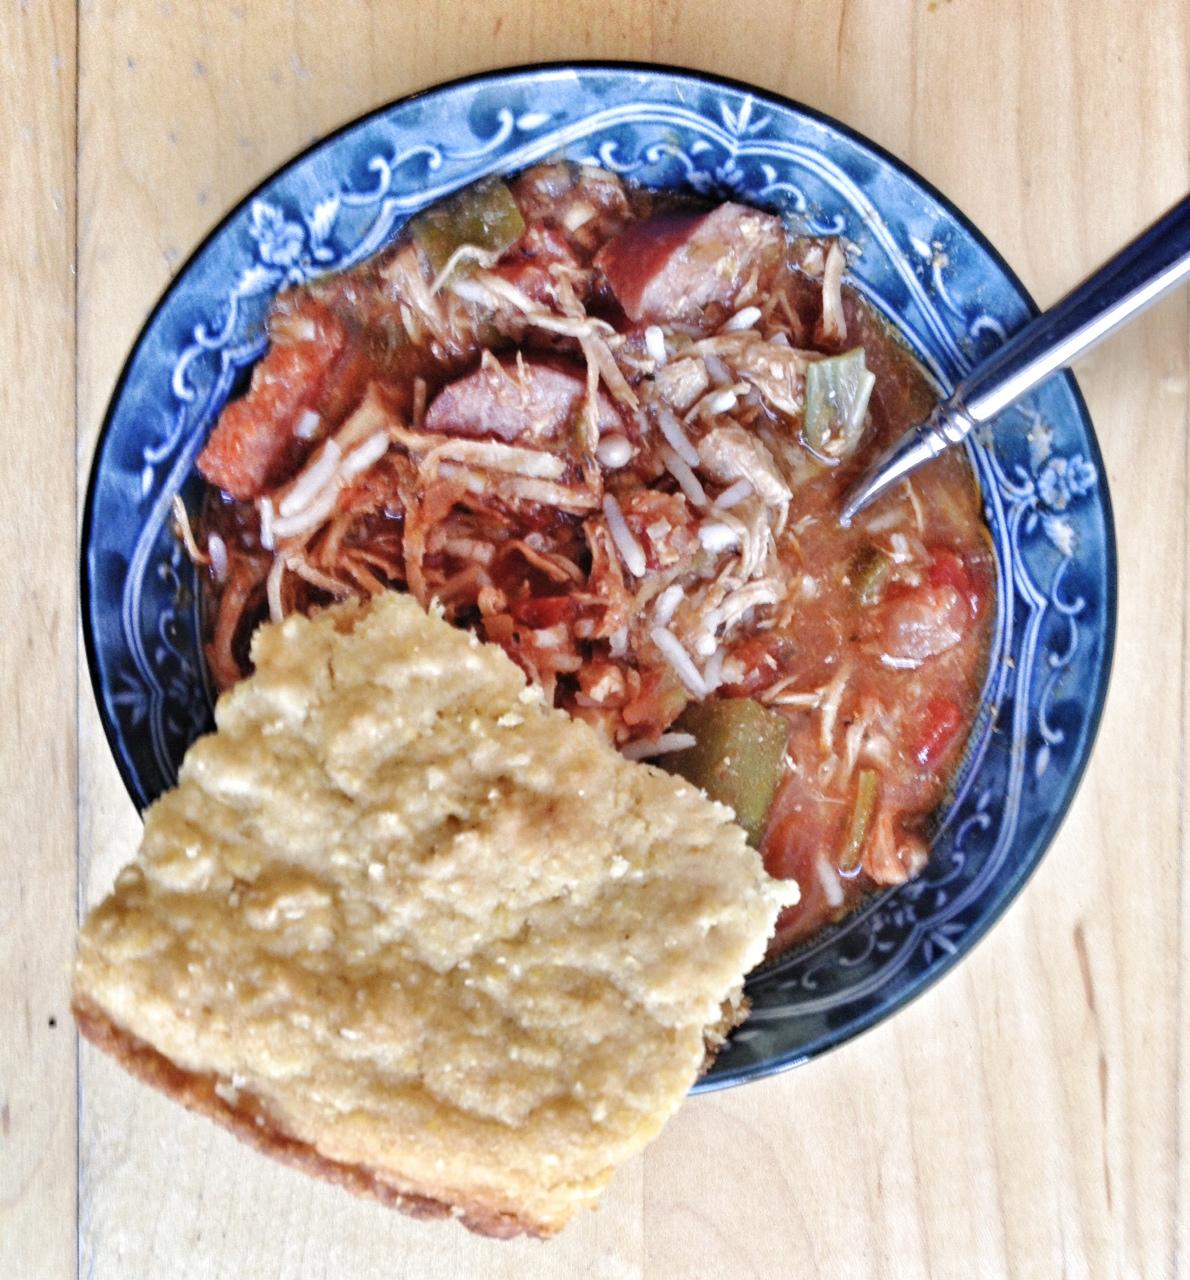 Petit Jean Sausage, Jumbalaya Recipe, Whats For Dinner, Crockpot Dinner